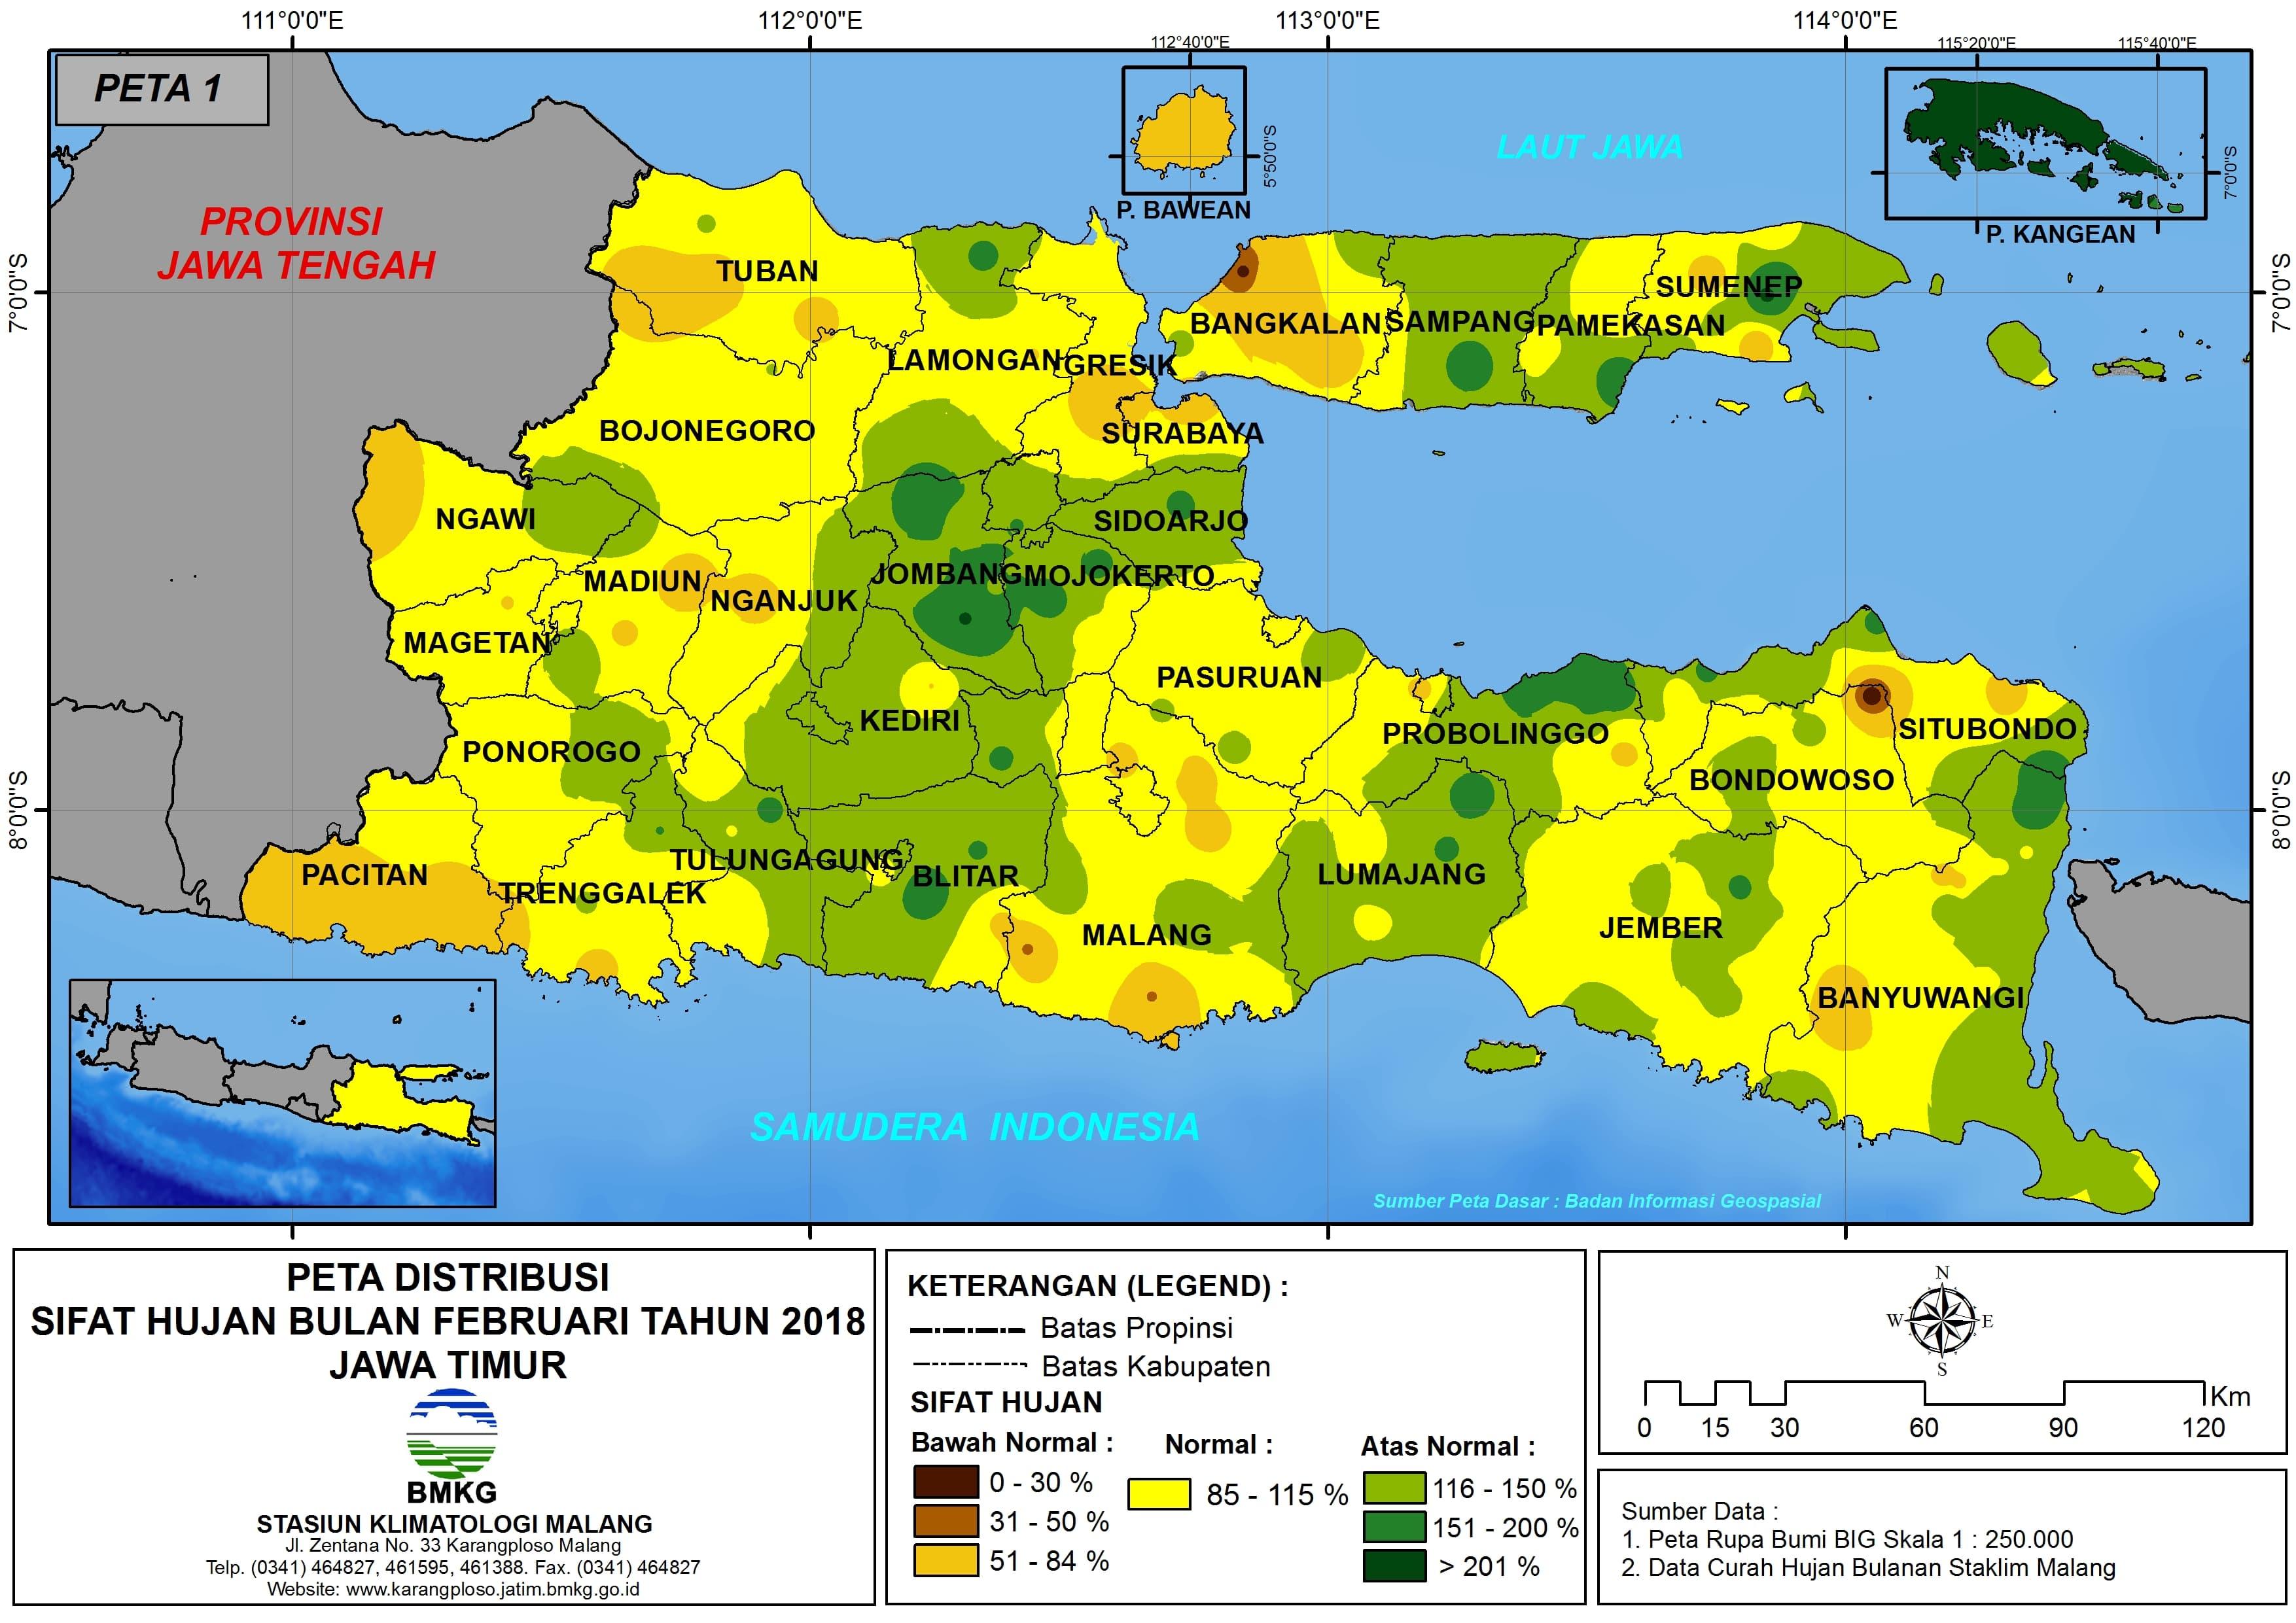 Analisis Distribusi Sifat Hujan Bulan Februari Tahun 2018 di Propinsi Jawa Timur